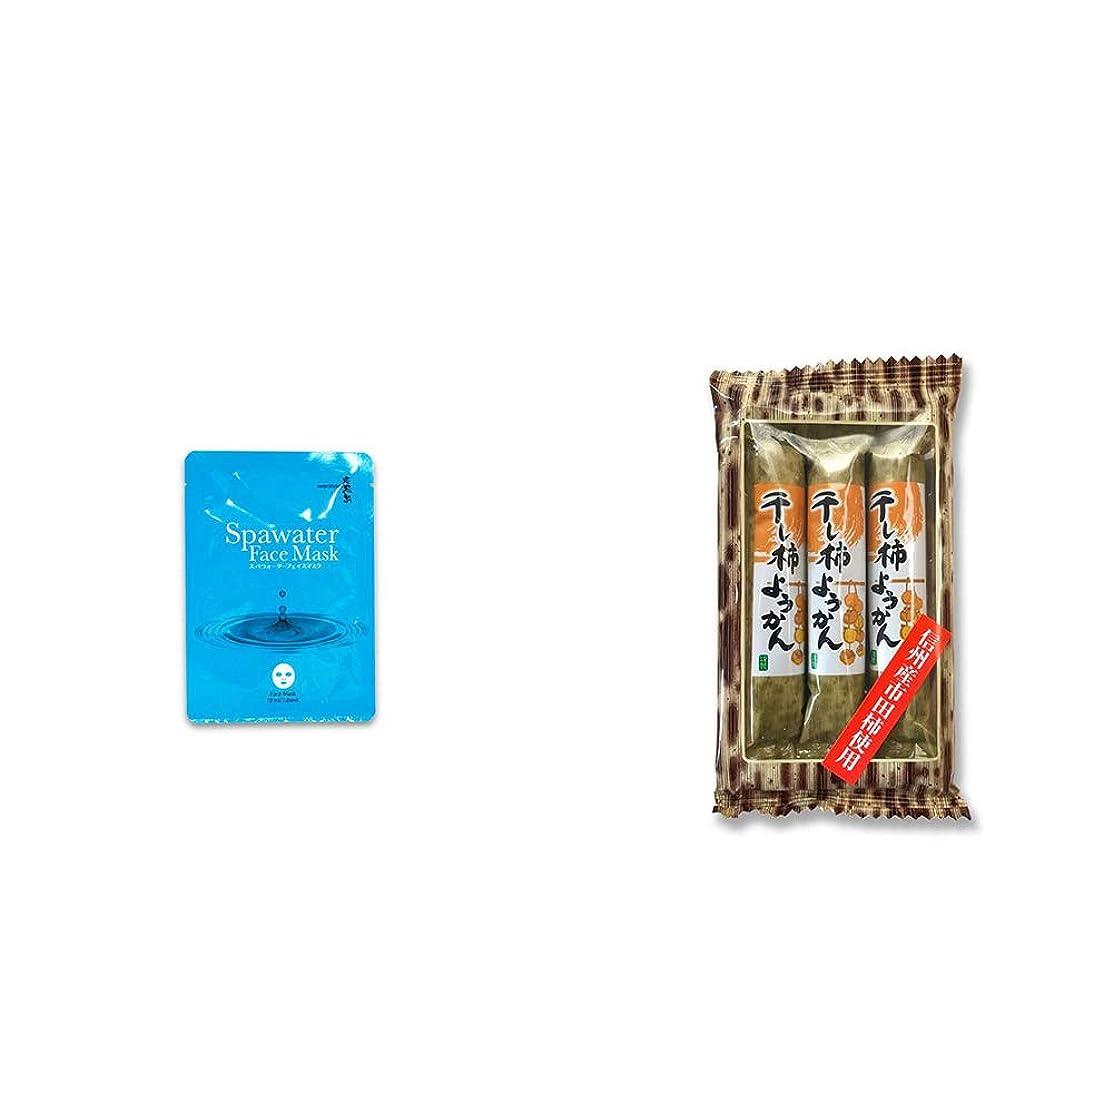 窓を洗う目を覚ます氷[2点セット] ひのき炭黒泉 スパウォーターフェイスマスク(18ml×3枚入)?信州産市田柿使用 スティックようかん[柿](50g×3本)